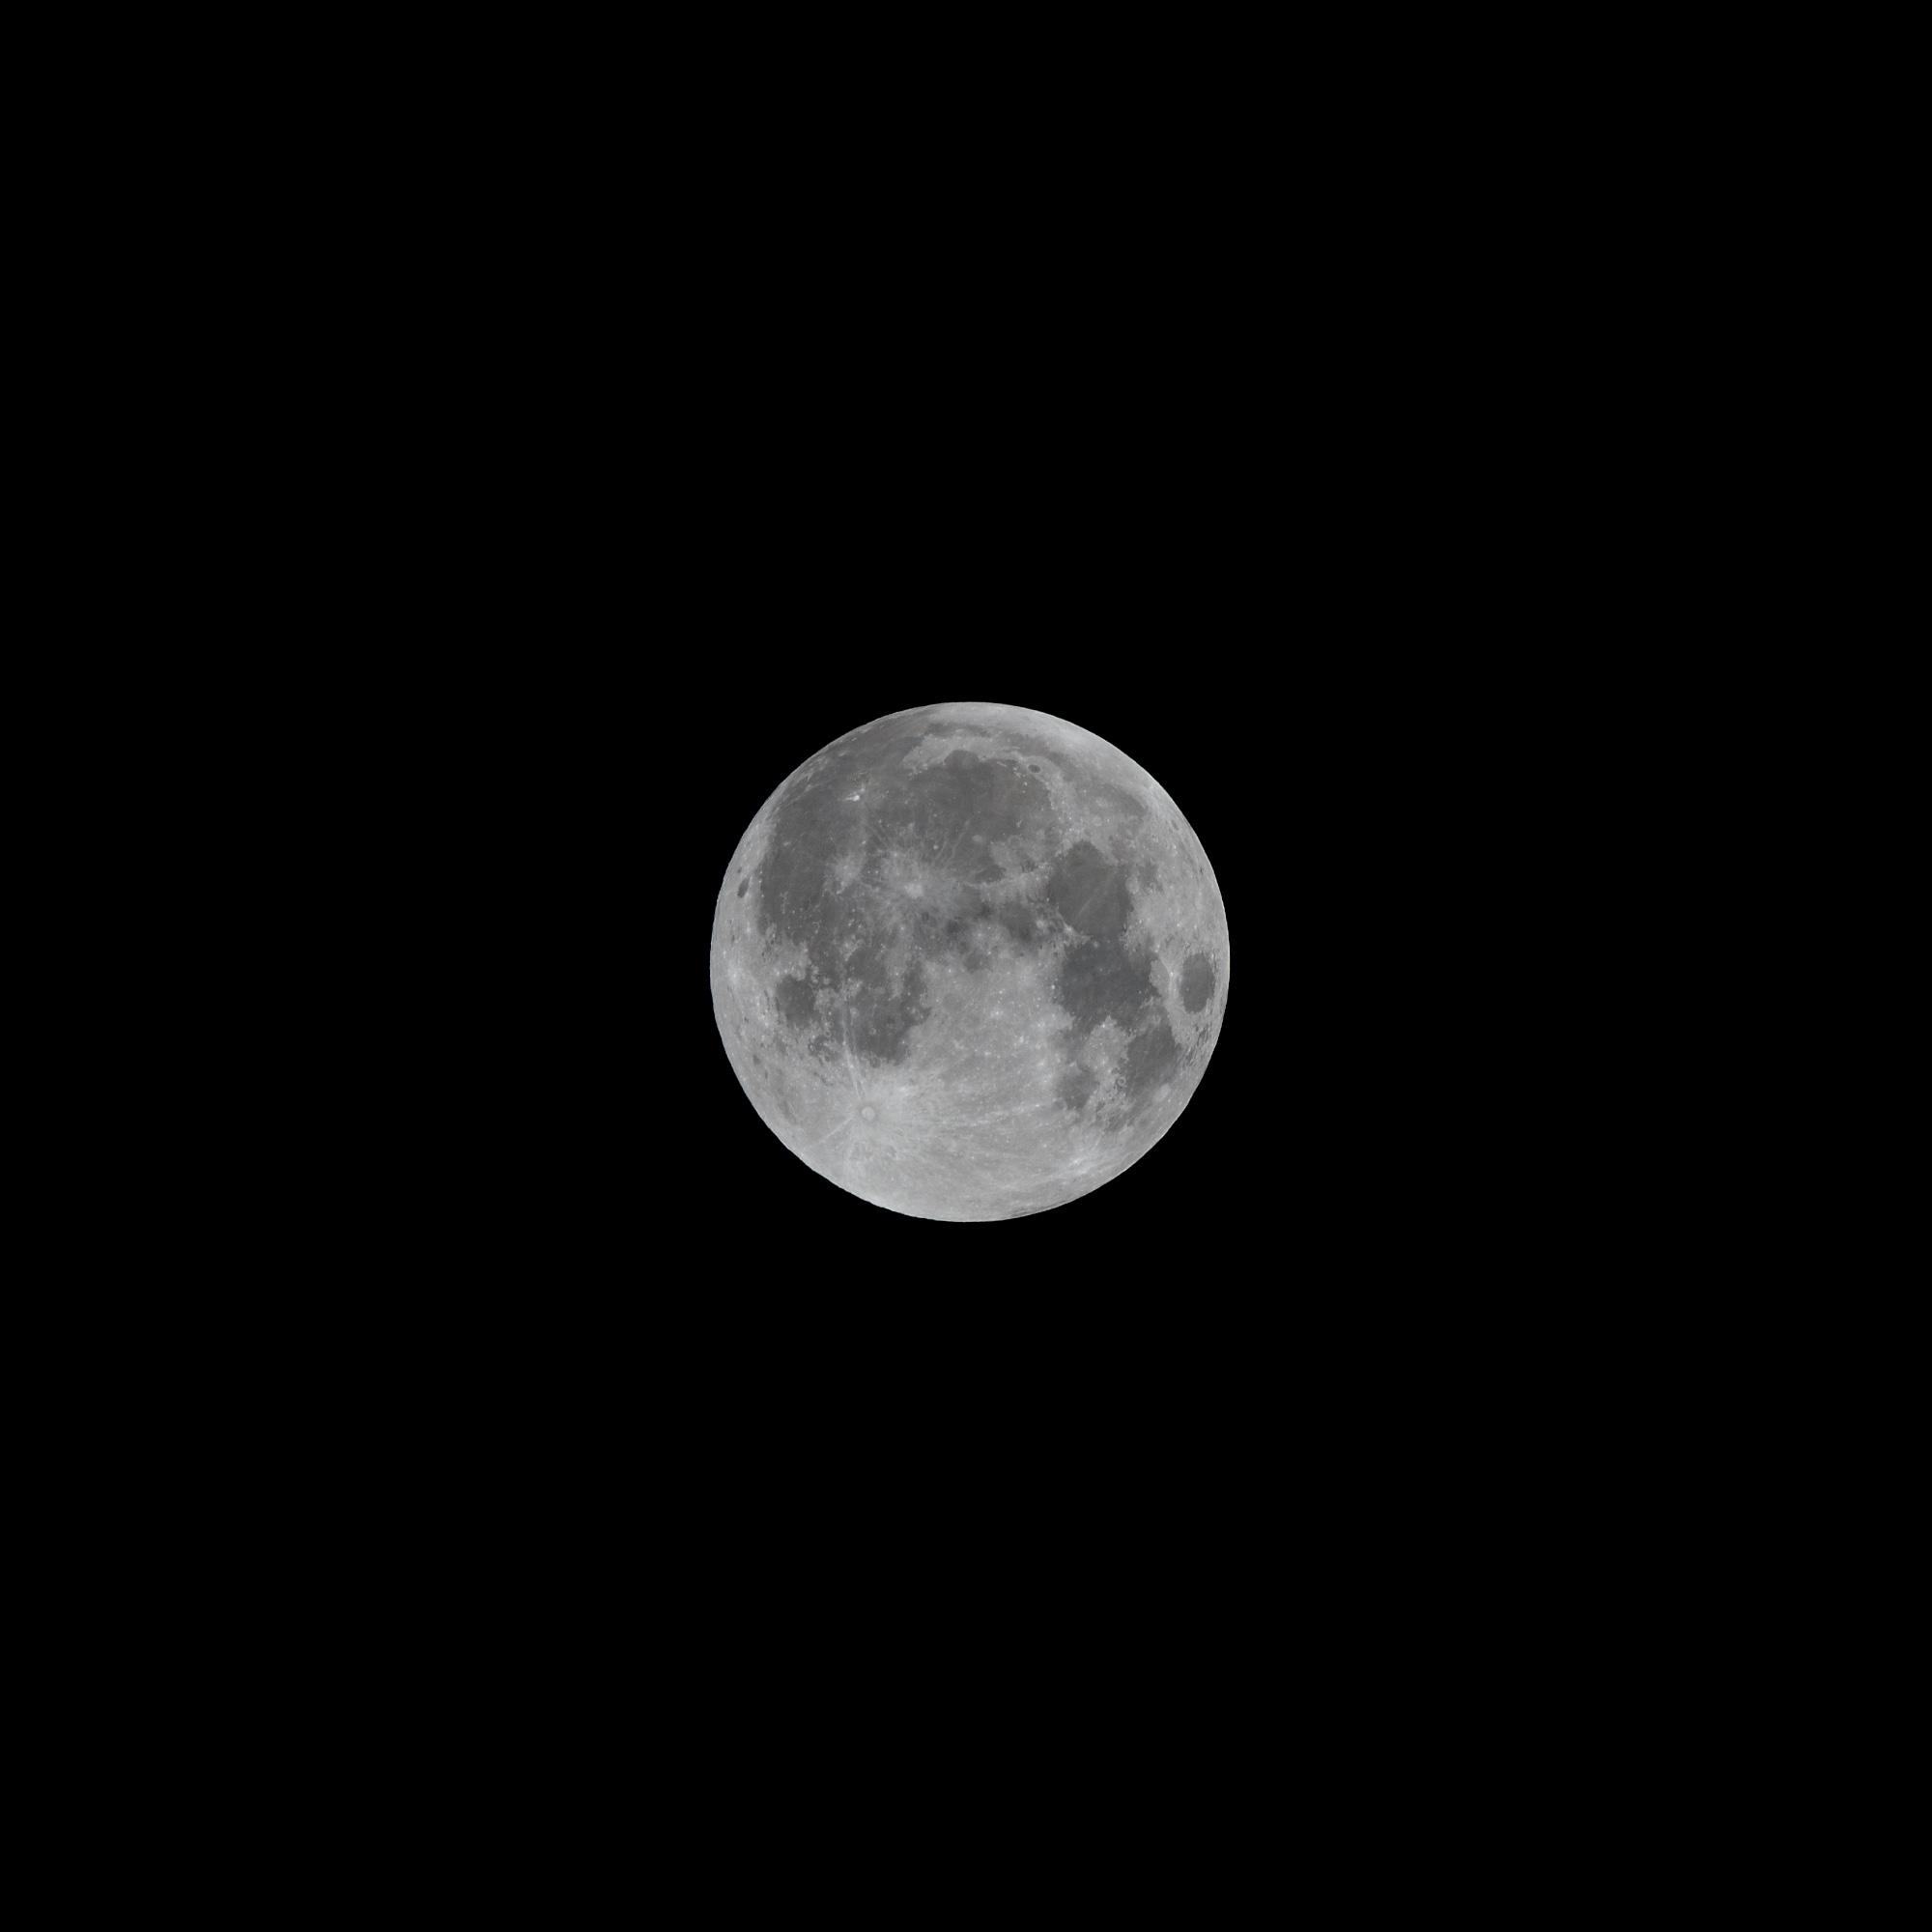 Eclipse de la Lune, le 21/01/19 : 2019-010